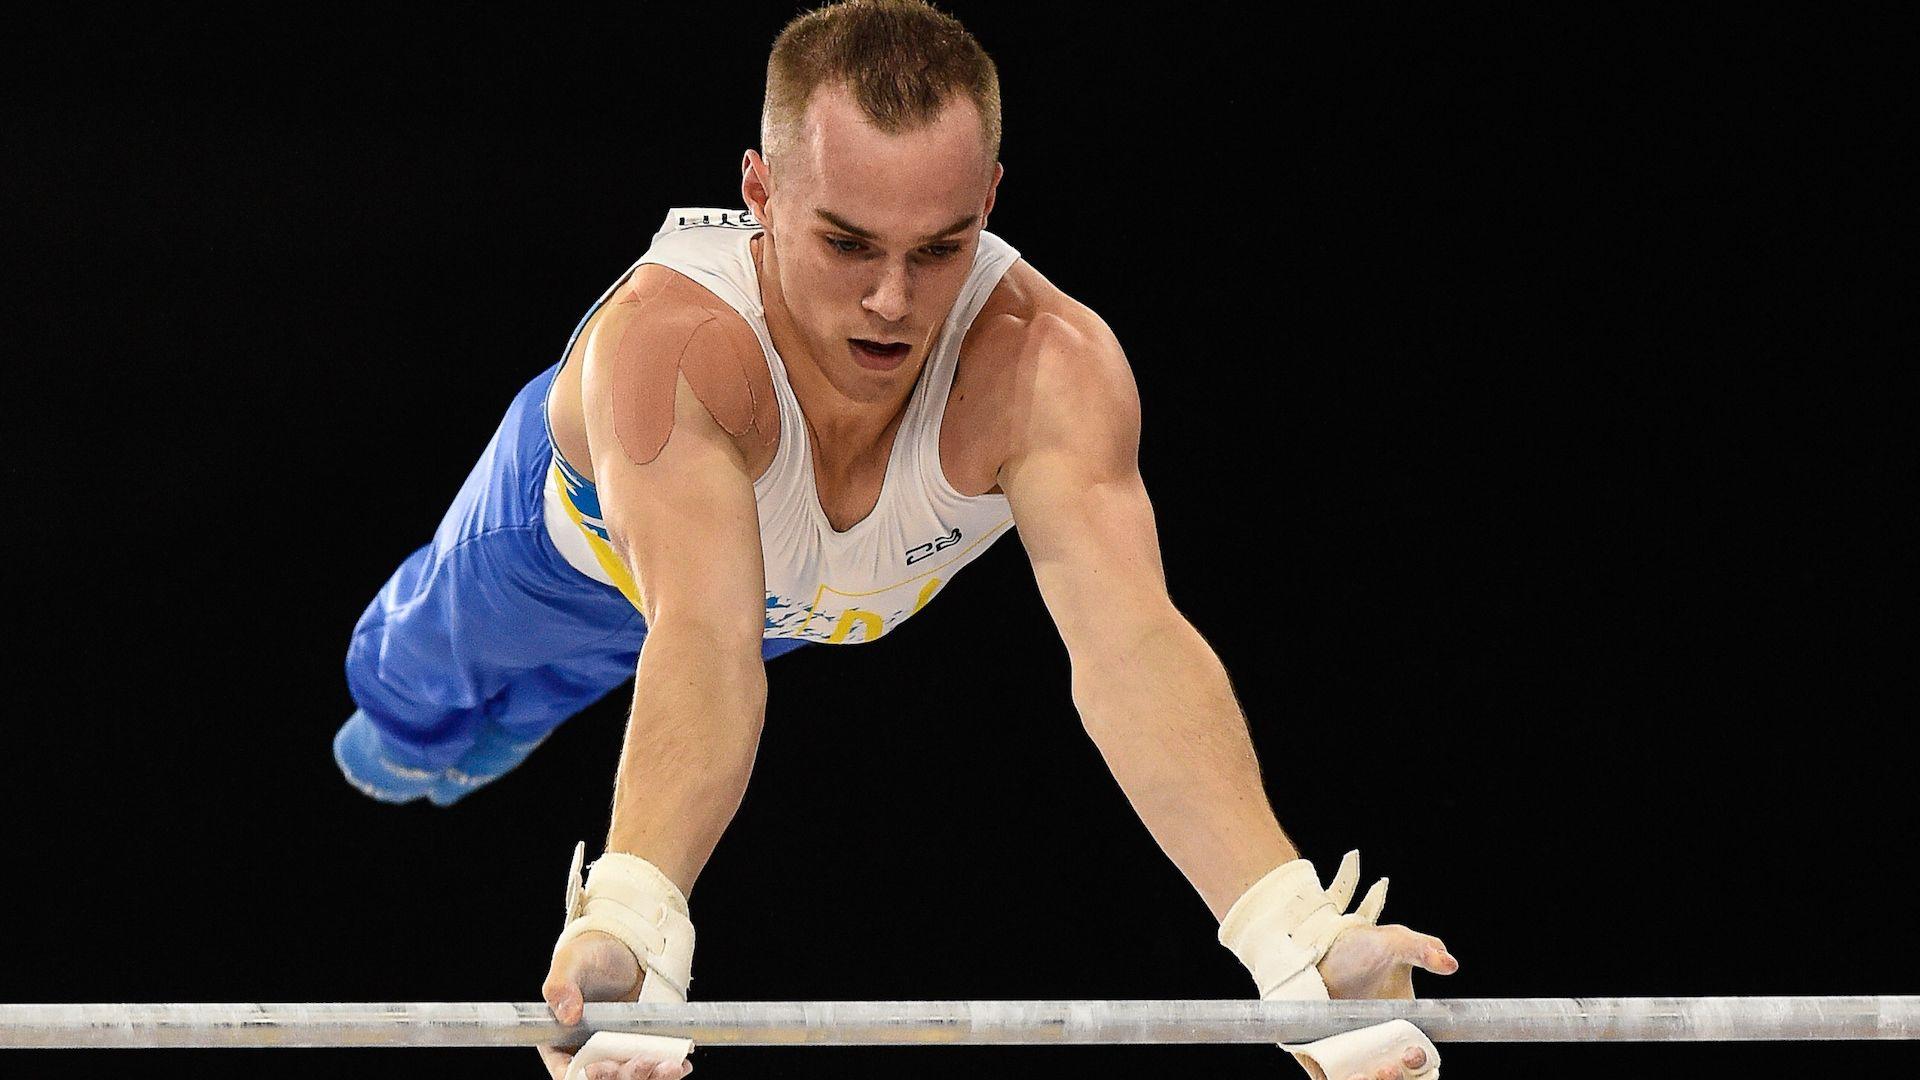 Олимпийски шампион пропуска Токио 2020 заради допинг